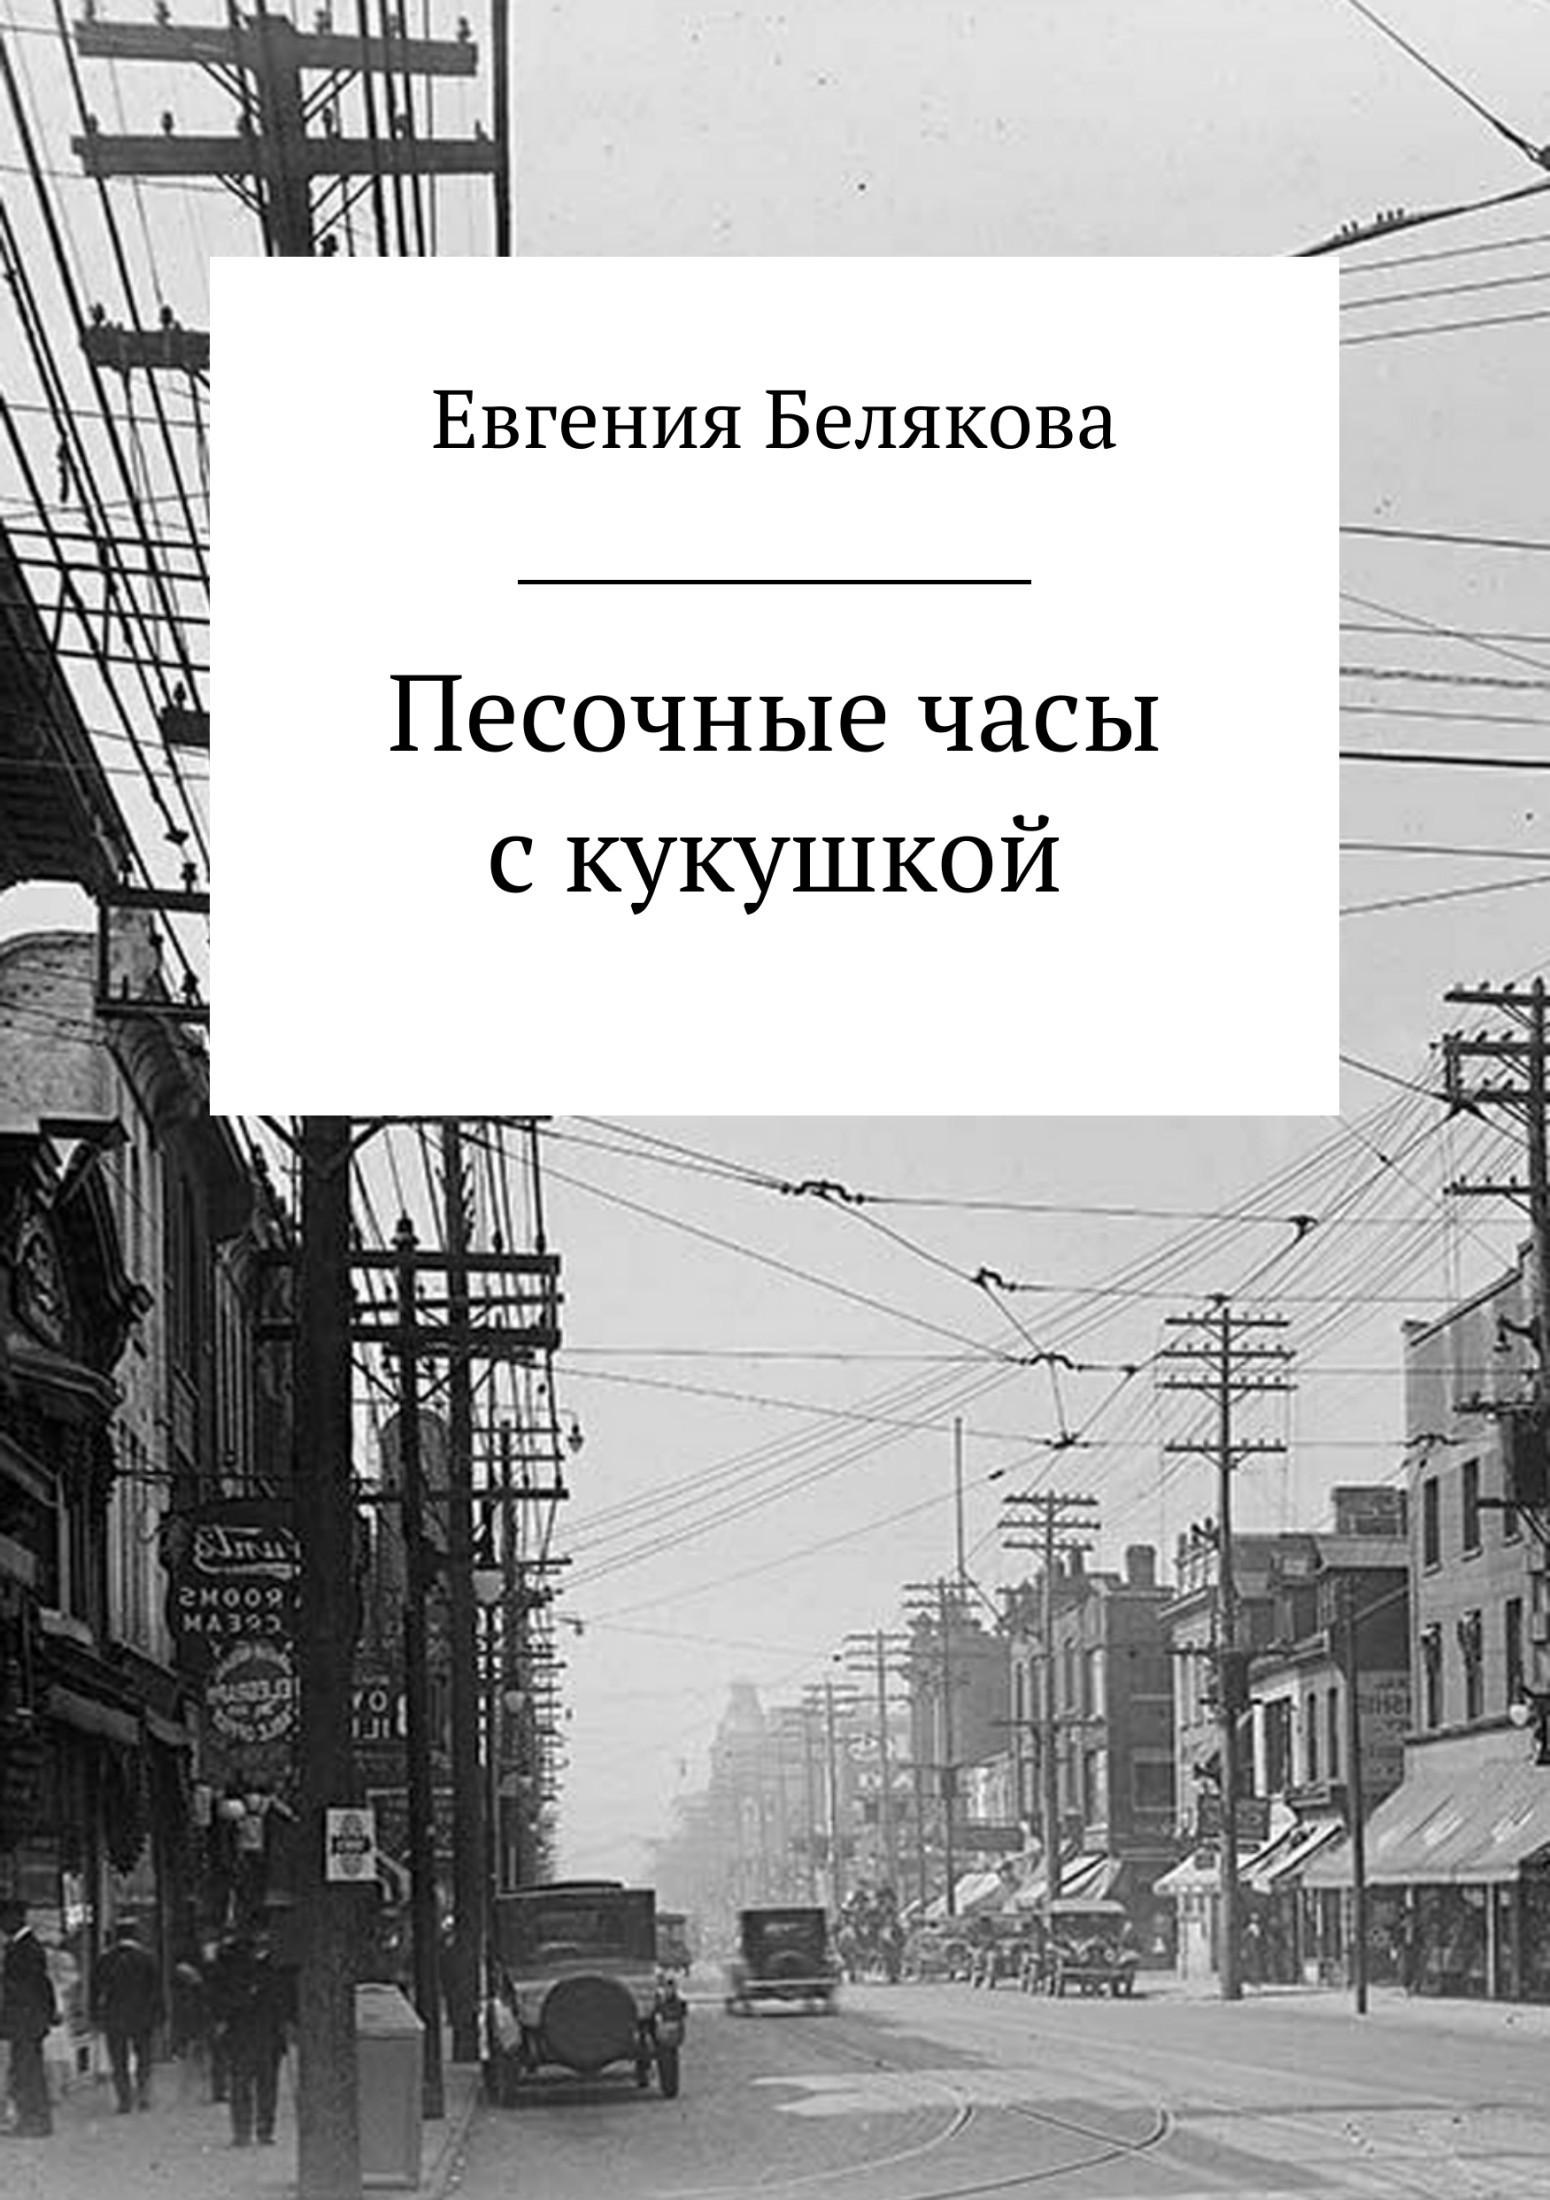 Евгения Петровна Белякова. Песочные часы с кукушкой